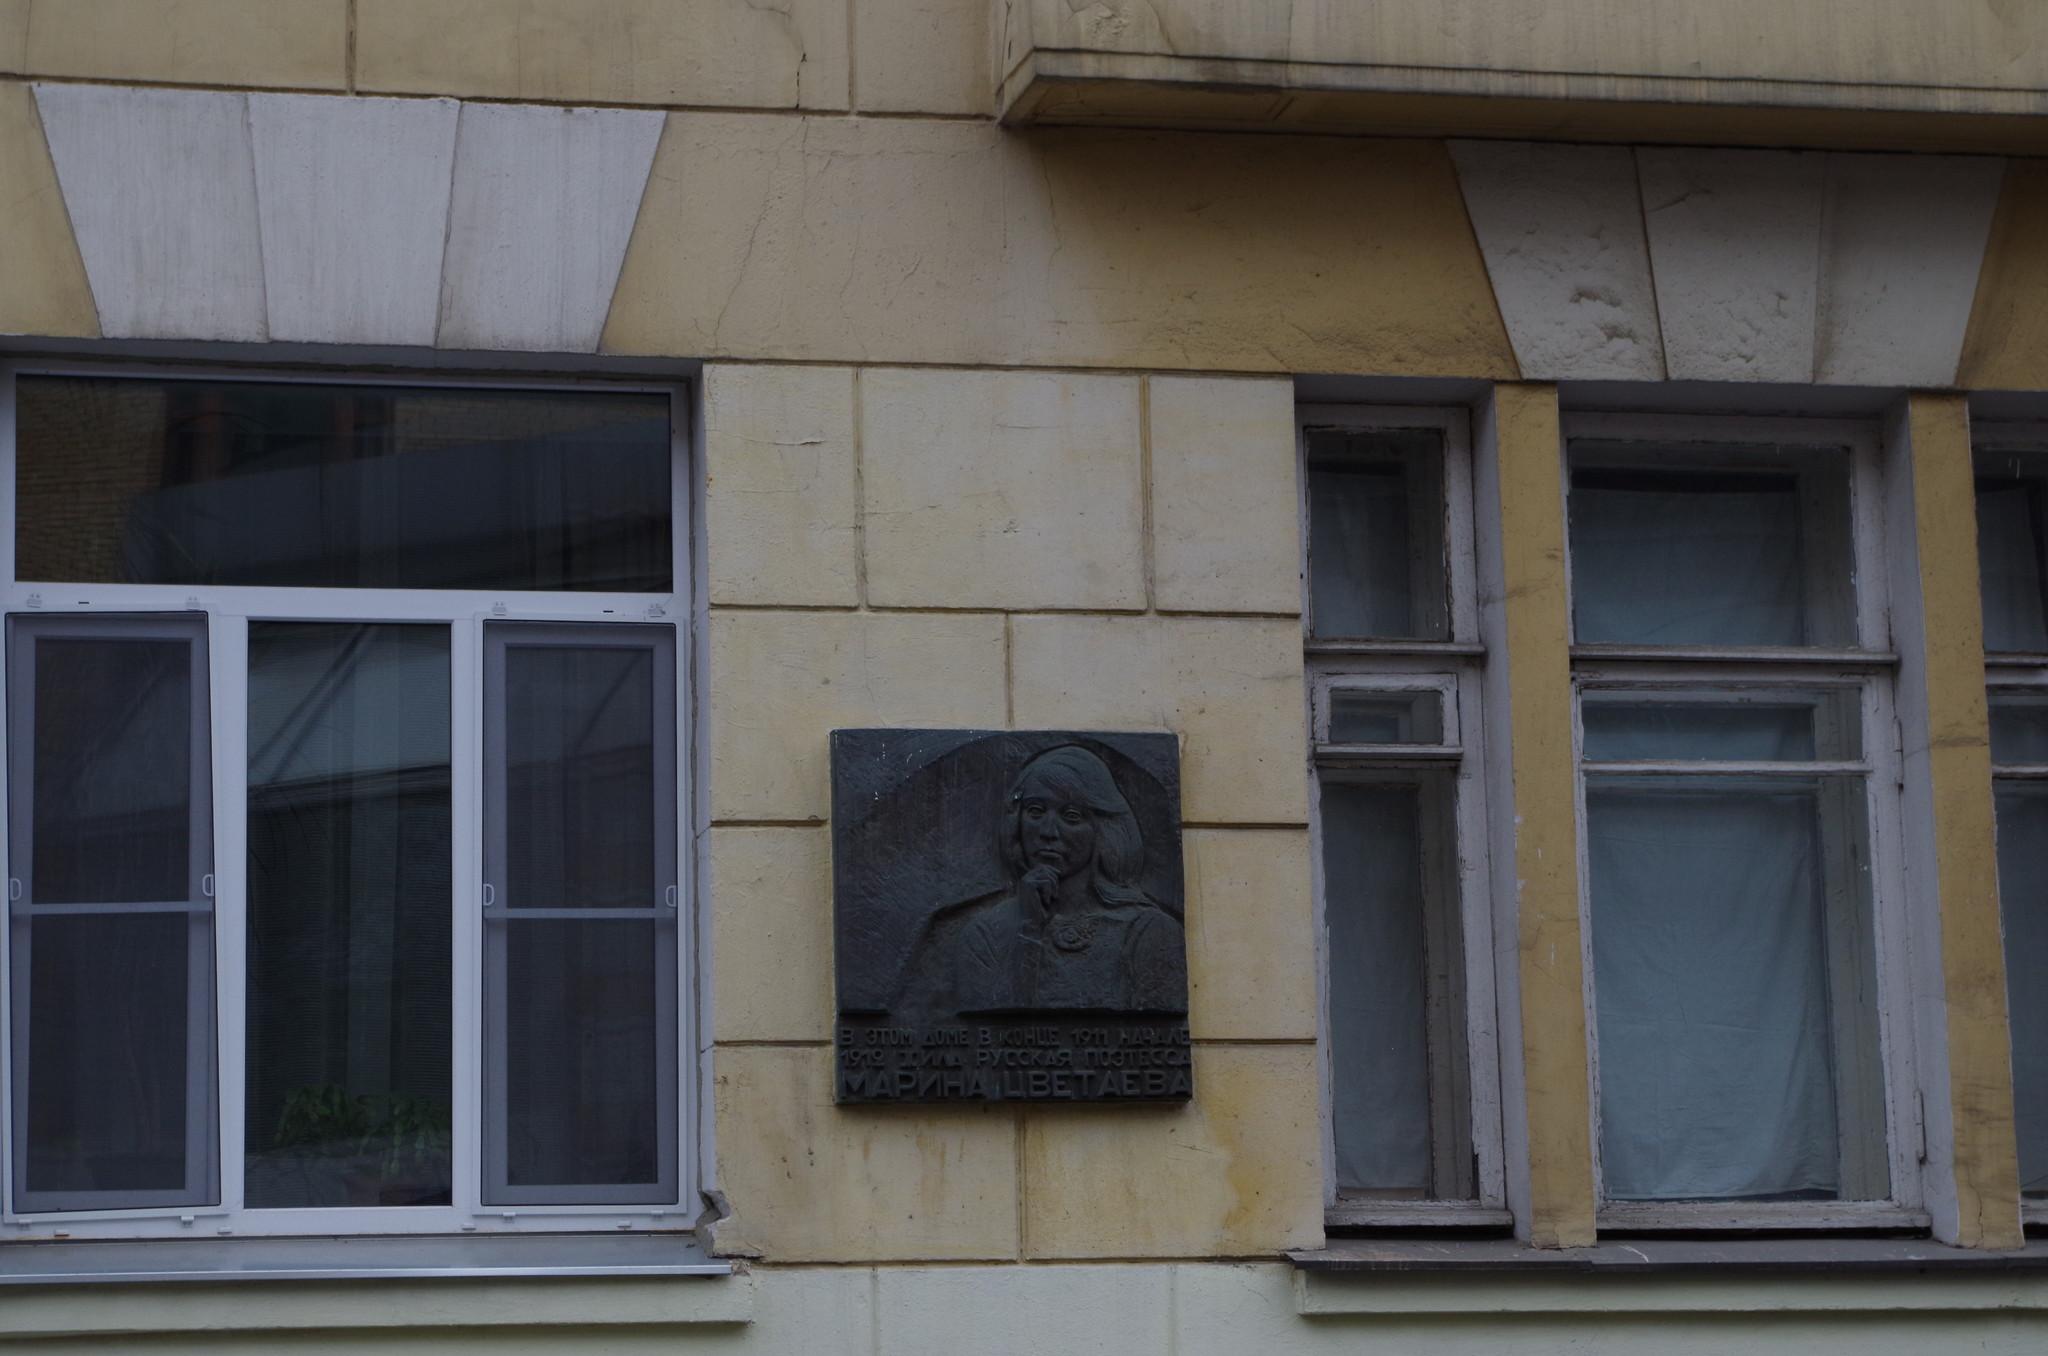 Мемориальная доска М.И. Цветаевой на фасаде дома (Сивцев Вражек переулок, дом 21), где в конце 1911 года - начале 1912 года жила русская поэтесса